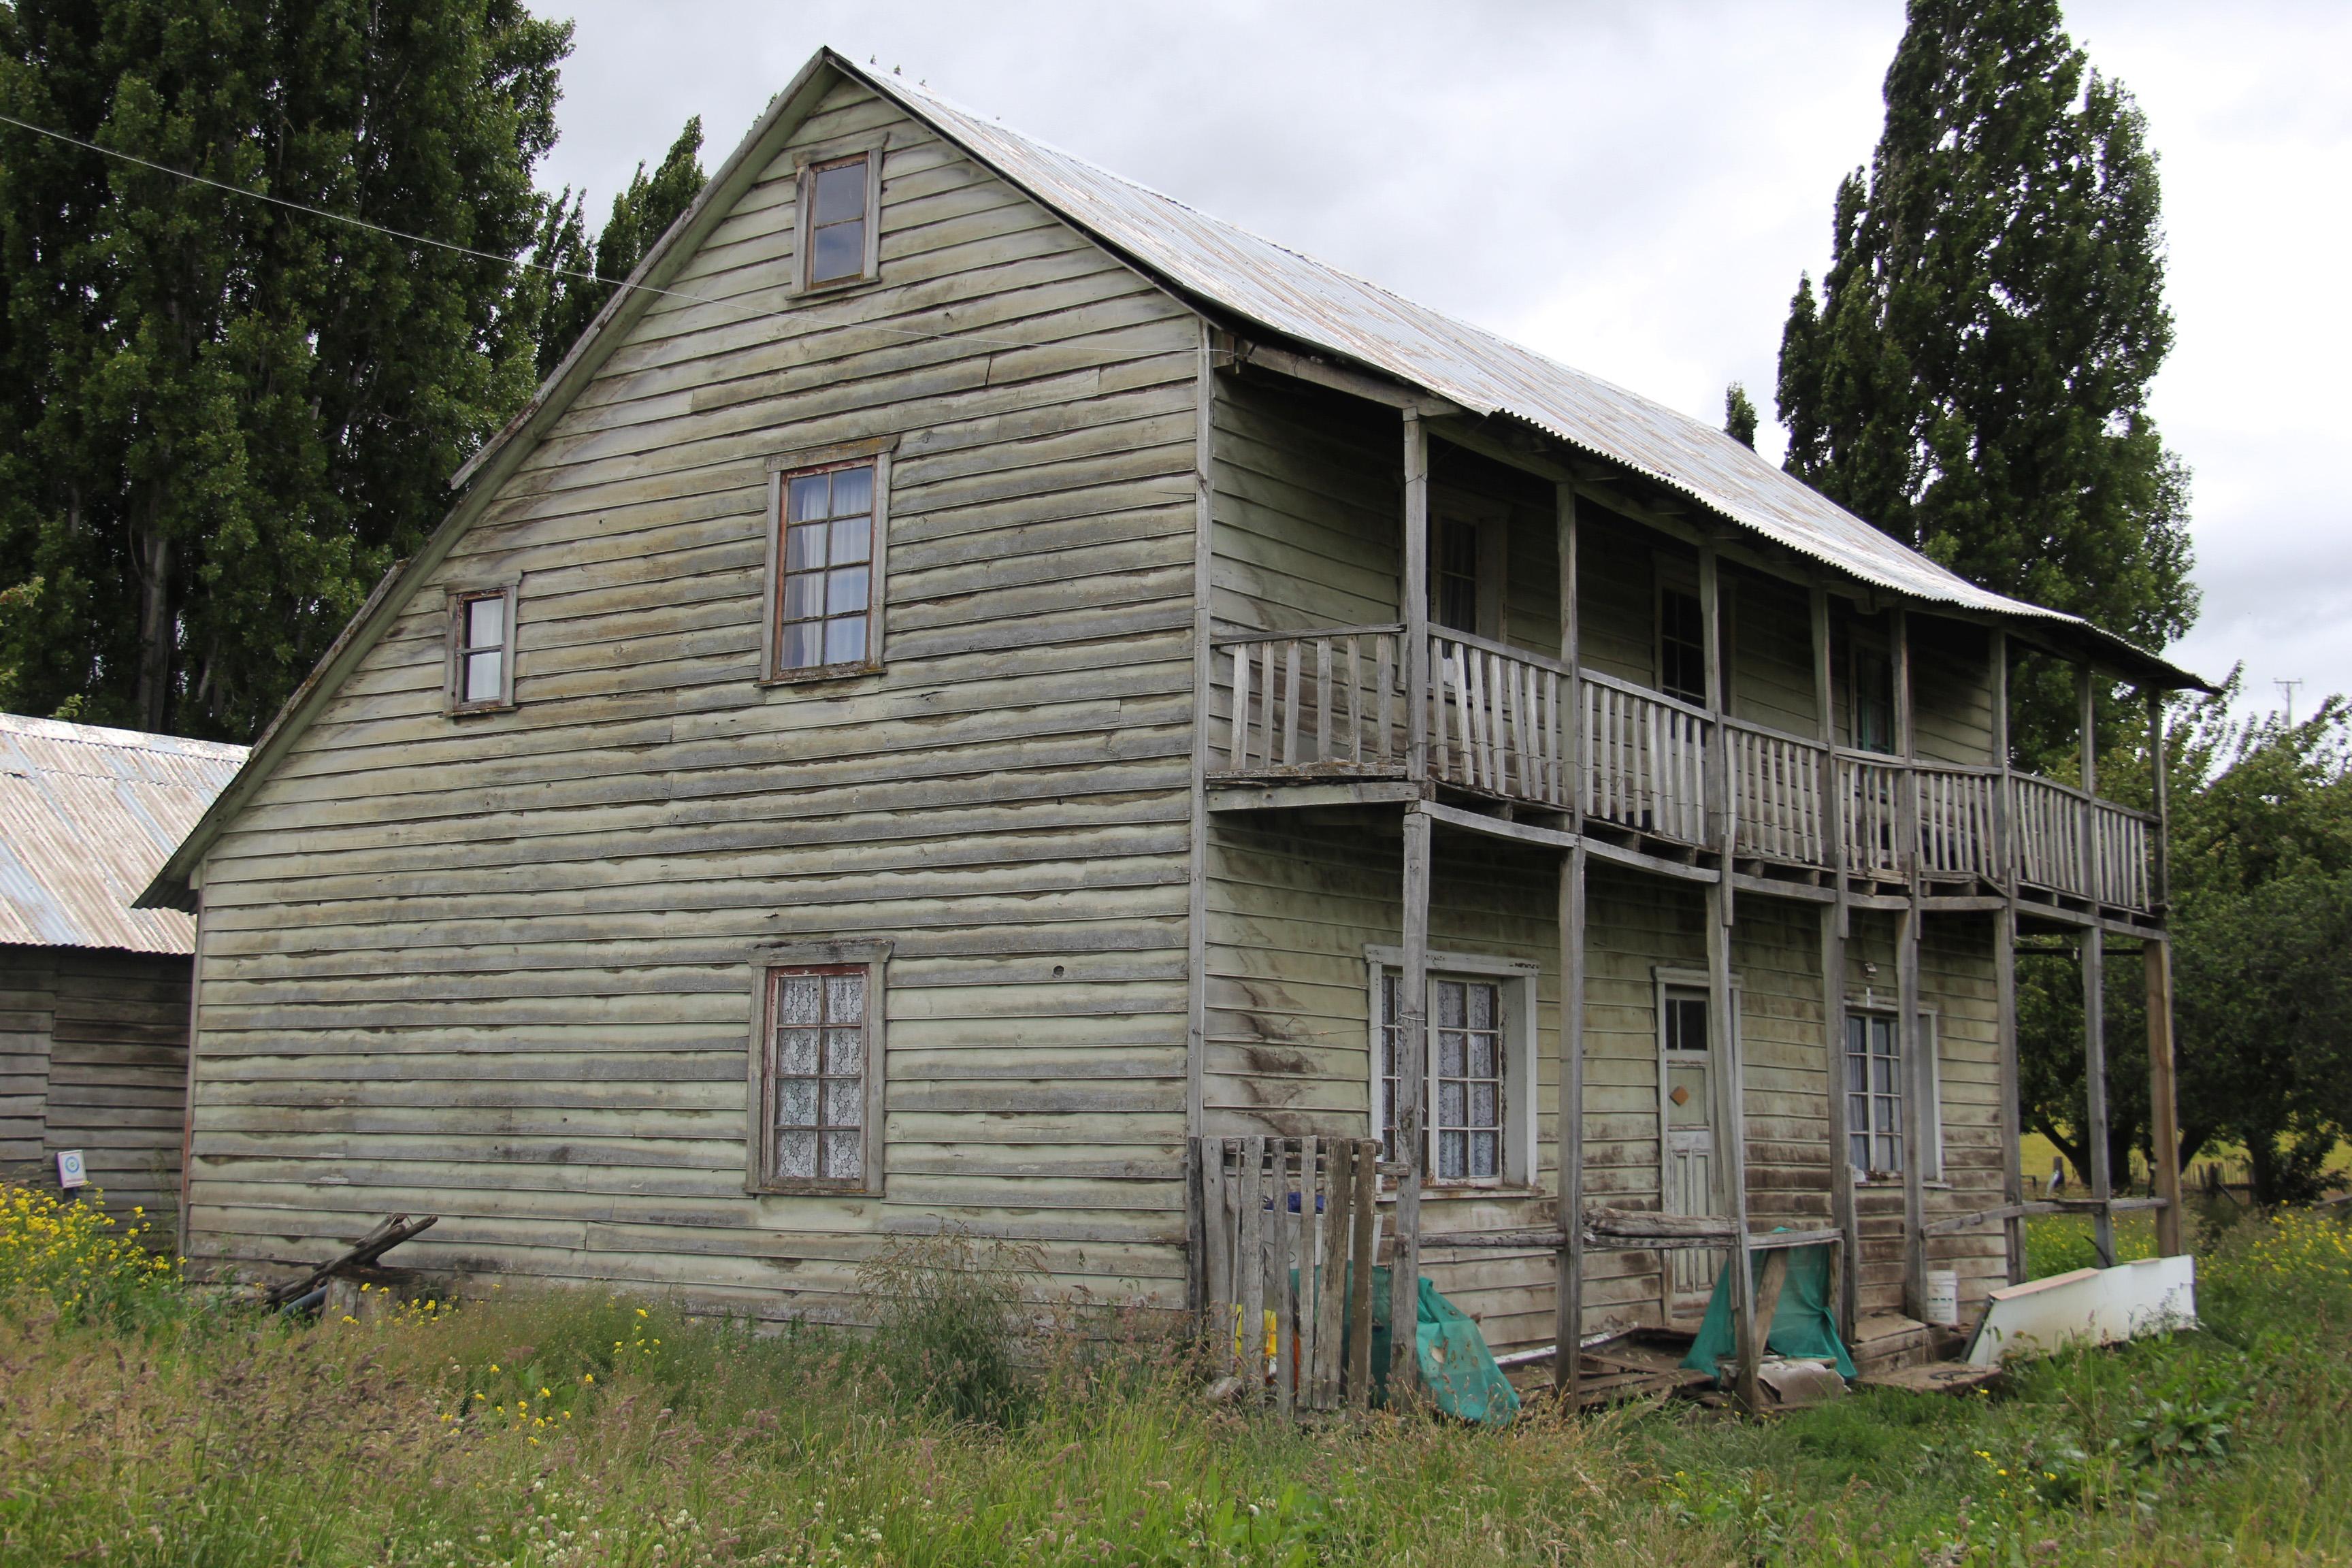 Casa de madera stunning seguros with casa de madera - Seguros para casas de madera ...